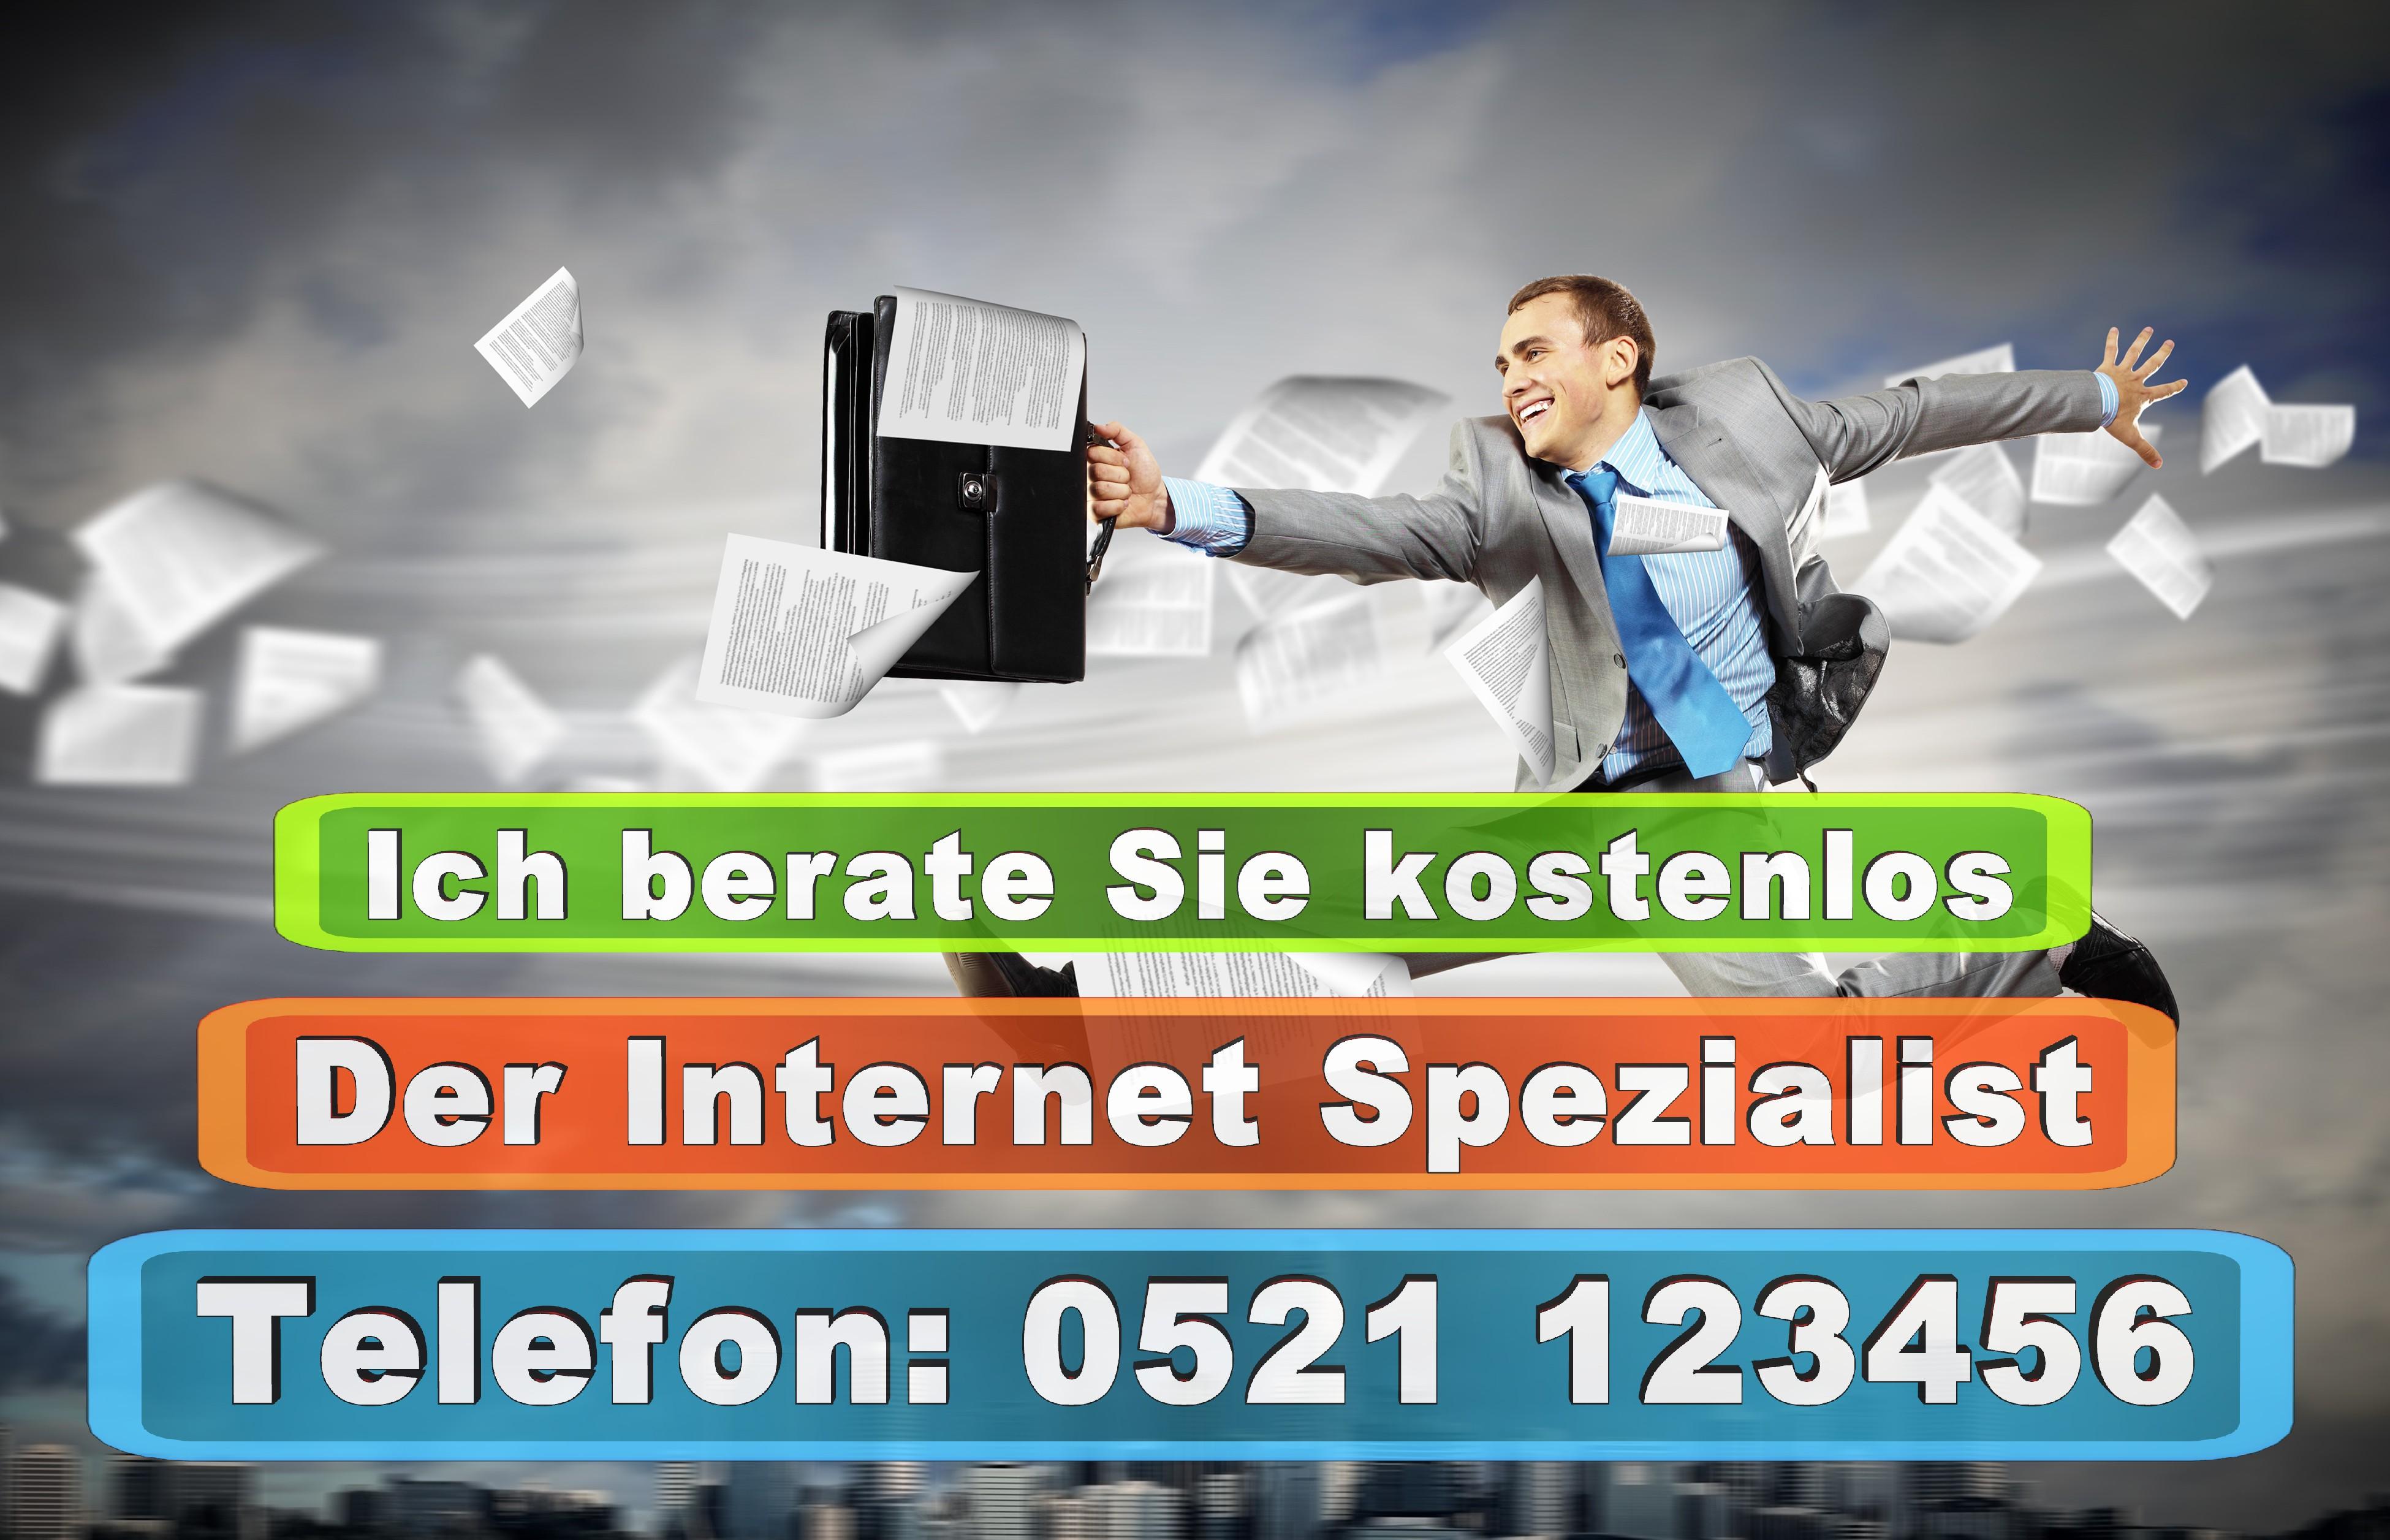 Bielefeld Werbeagenturen Druckereien Werbeplakate Print Druck Internet Computer Grafiker Designer Mode Geschäfte Bekleidung (12)